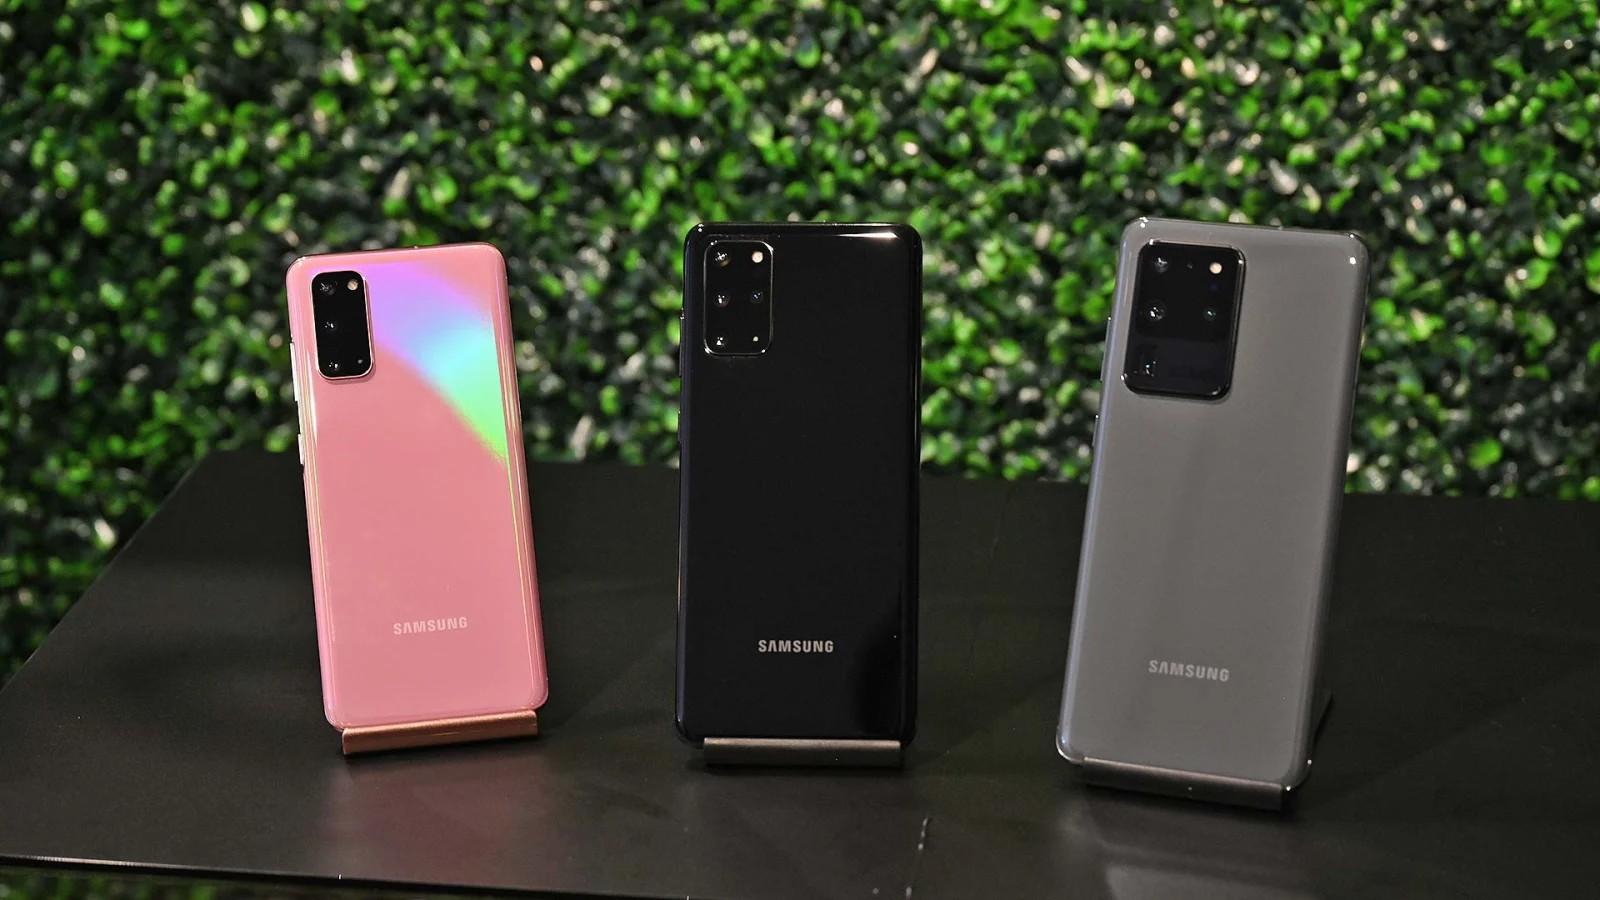 Từ trái qua phải: Galaxy S20 hồng, Galaxy S20+ đen và Galaxy S20 Ultra xám. Ảnh: Sam Rutherford (Gizmodo)